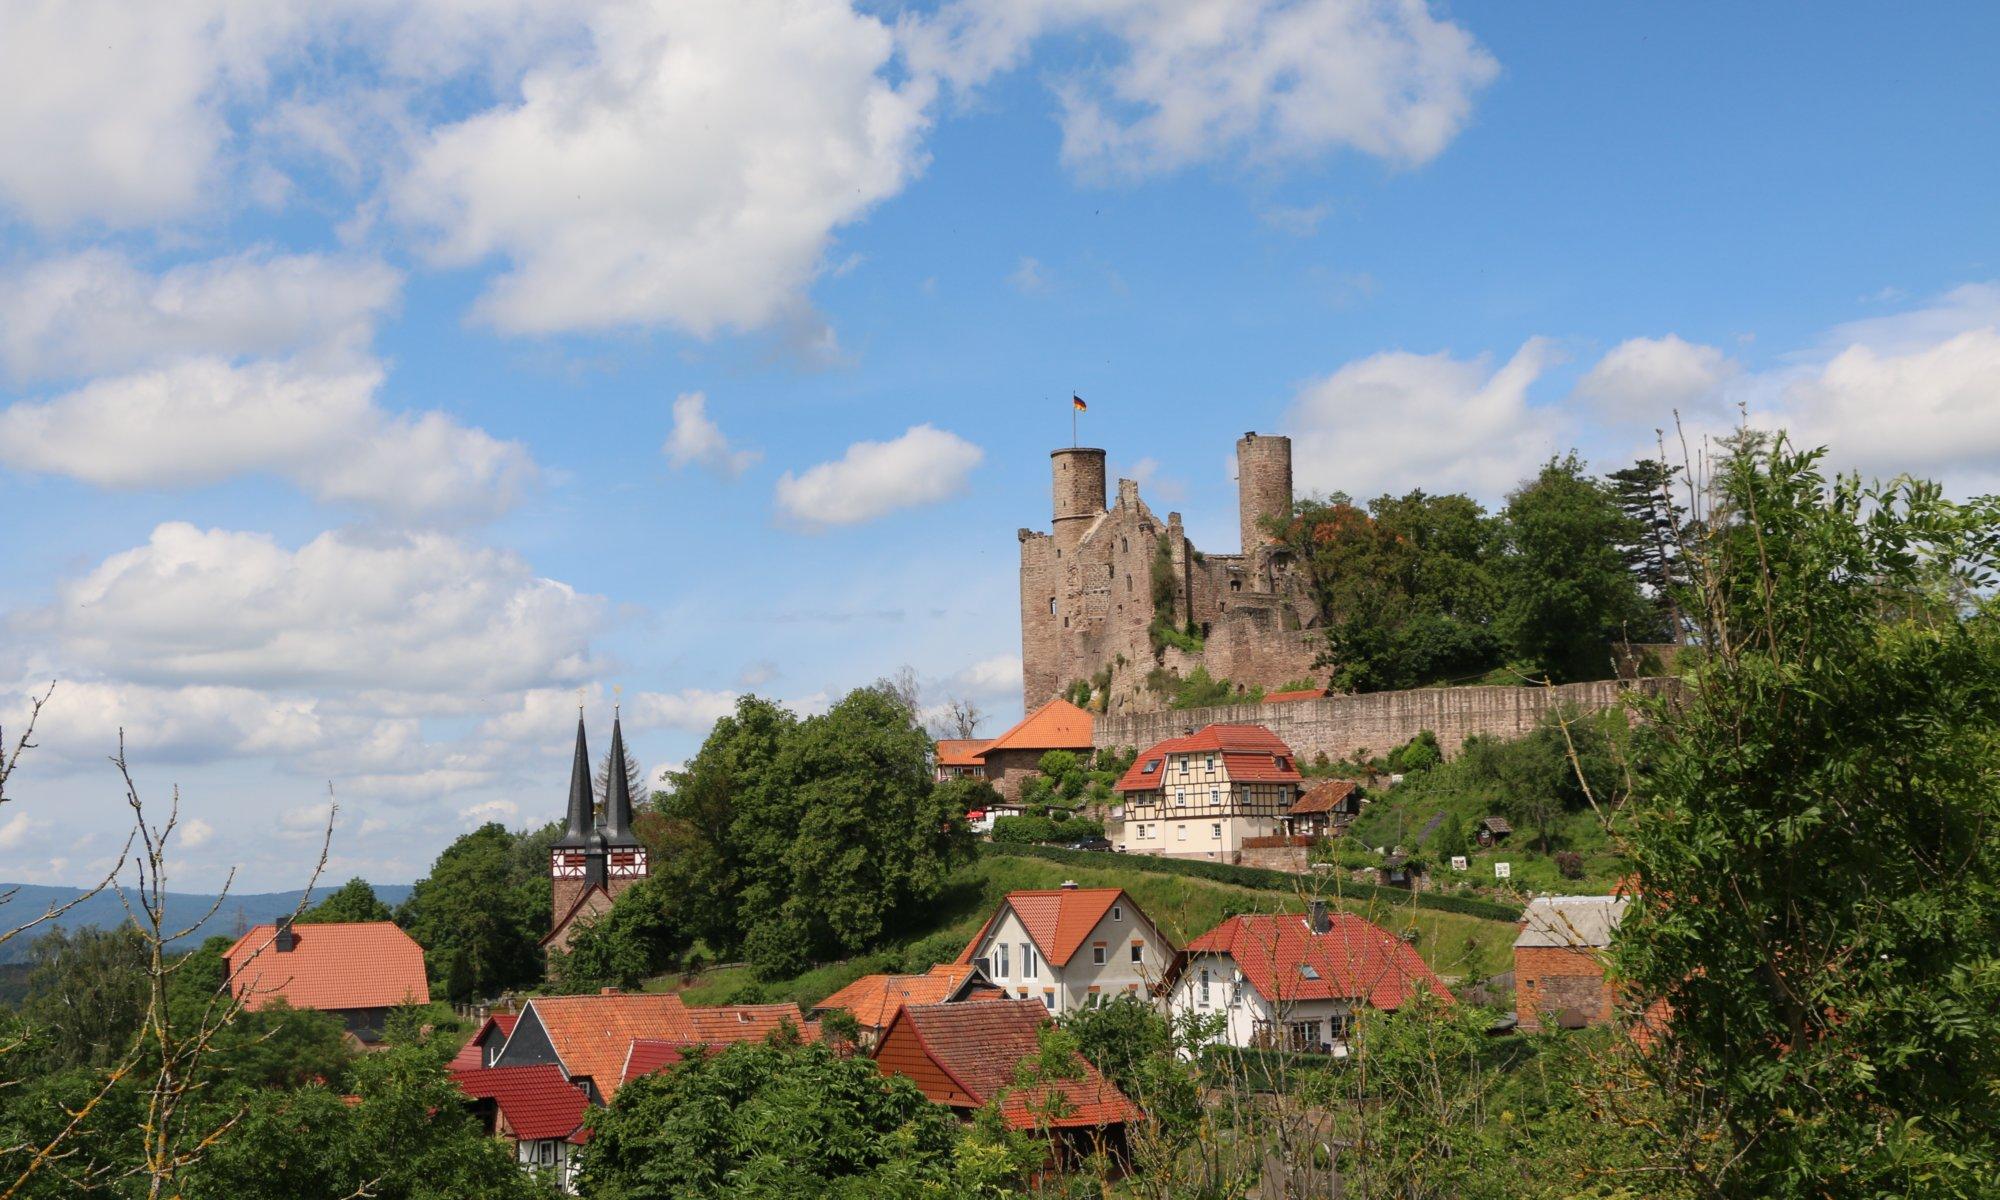 Burgruine Hanstein, Bornhagen